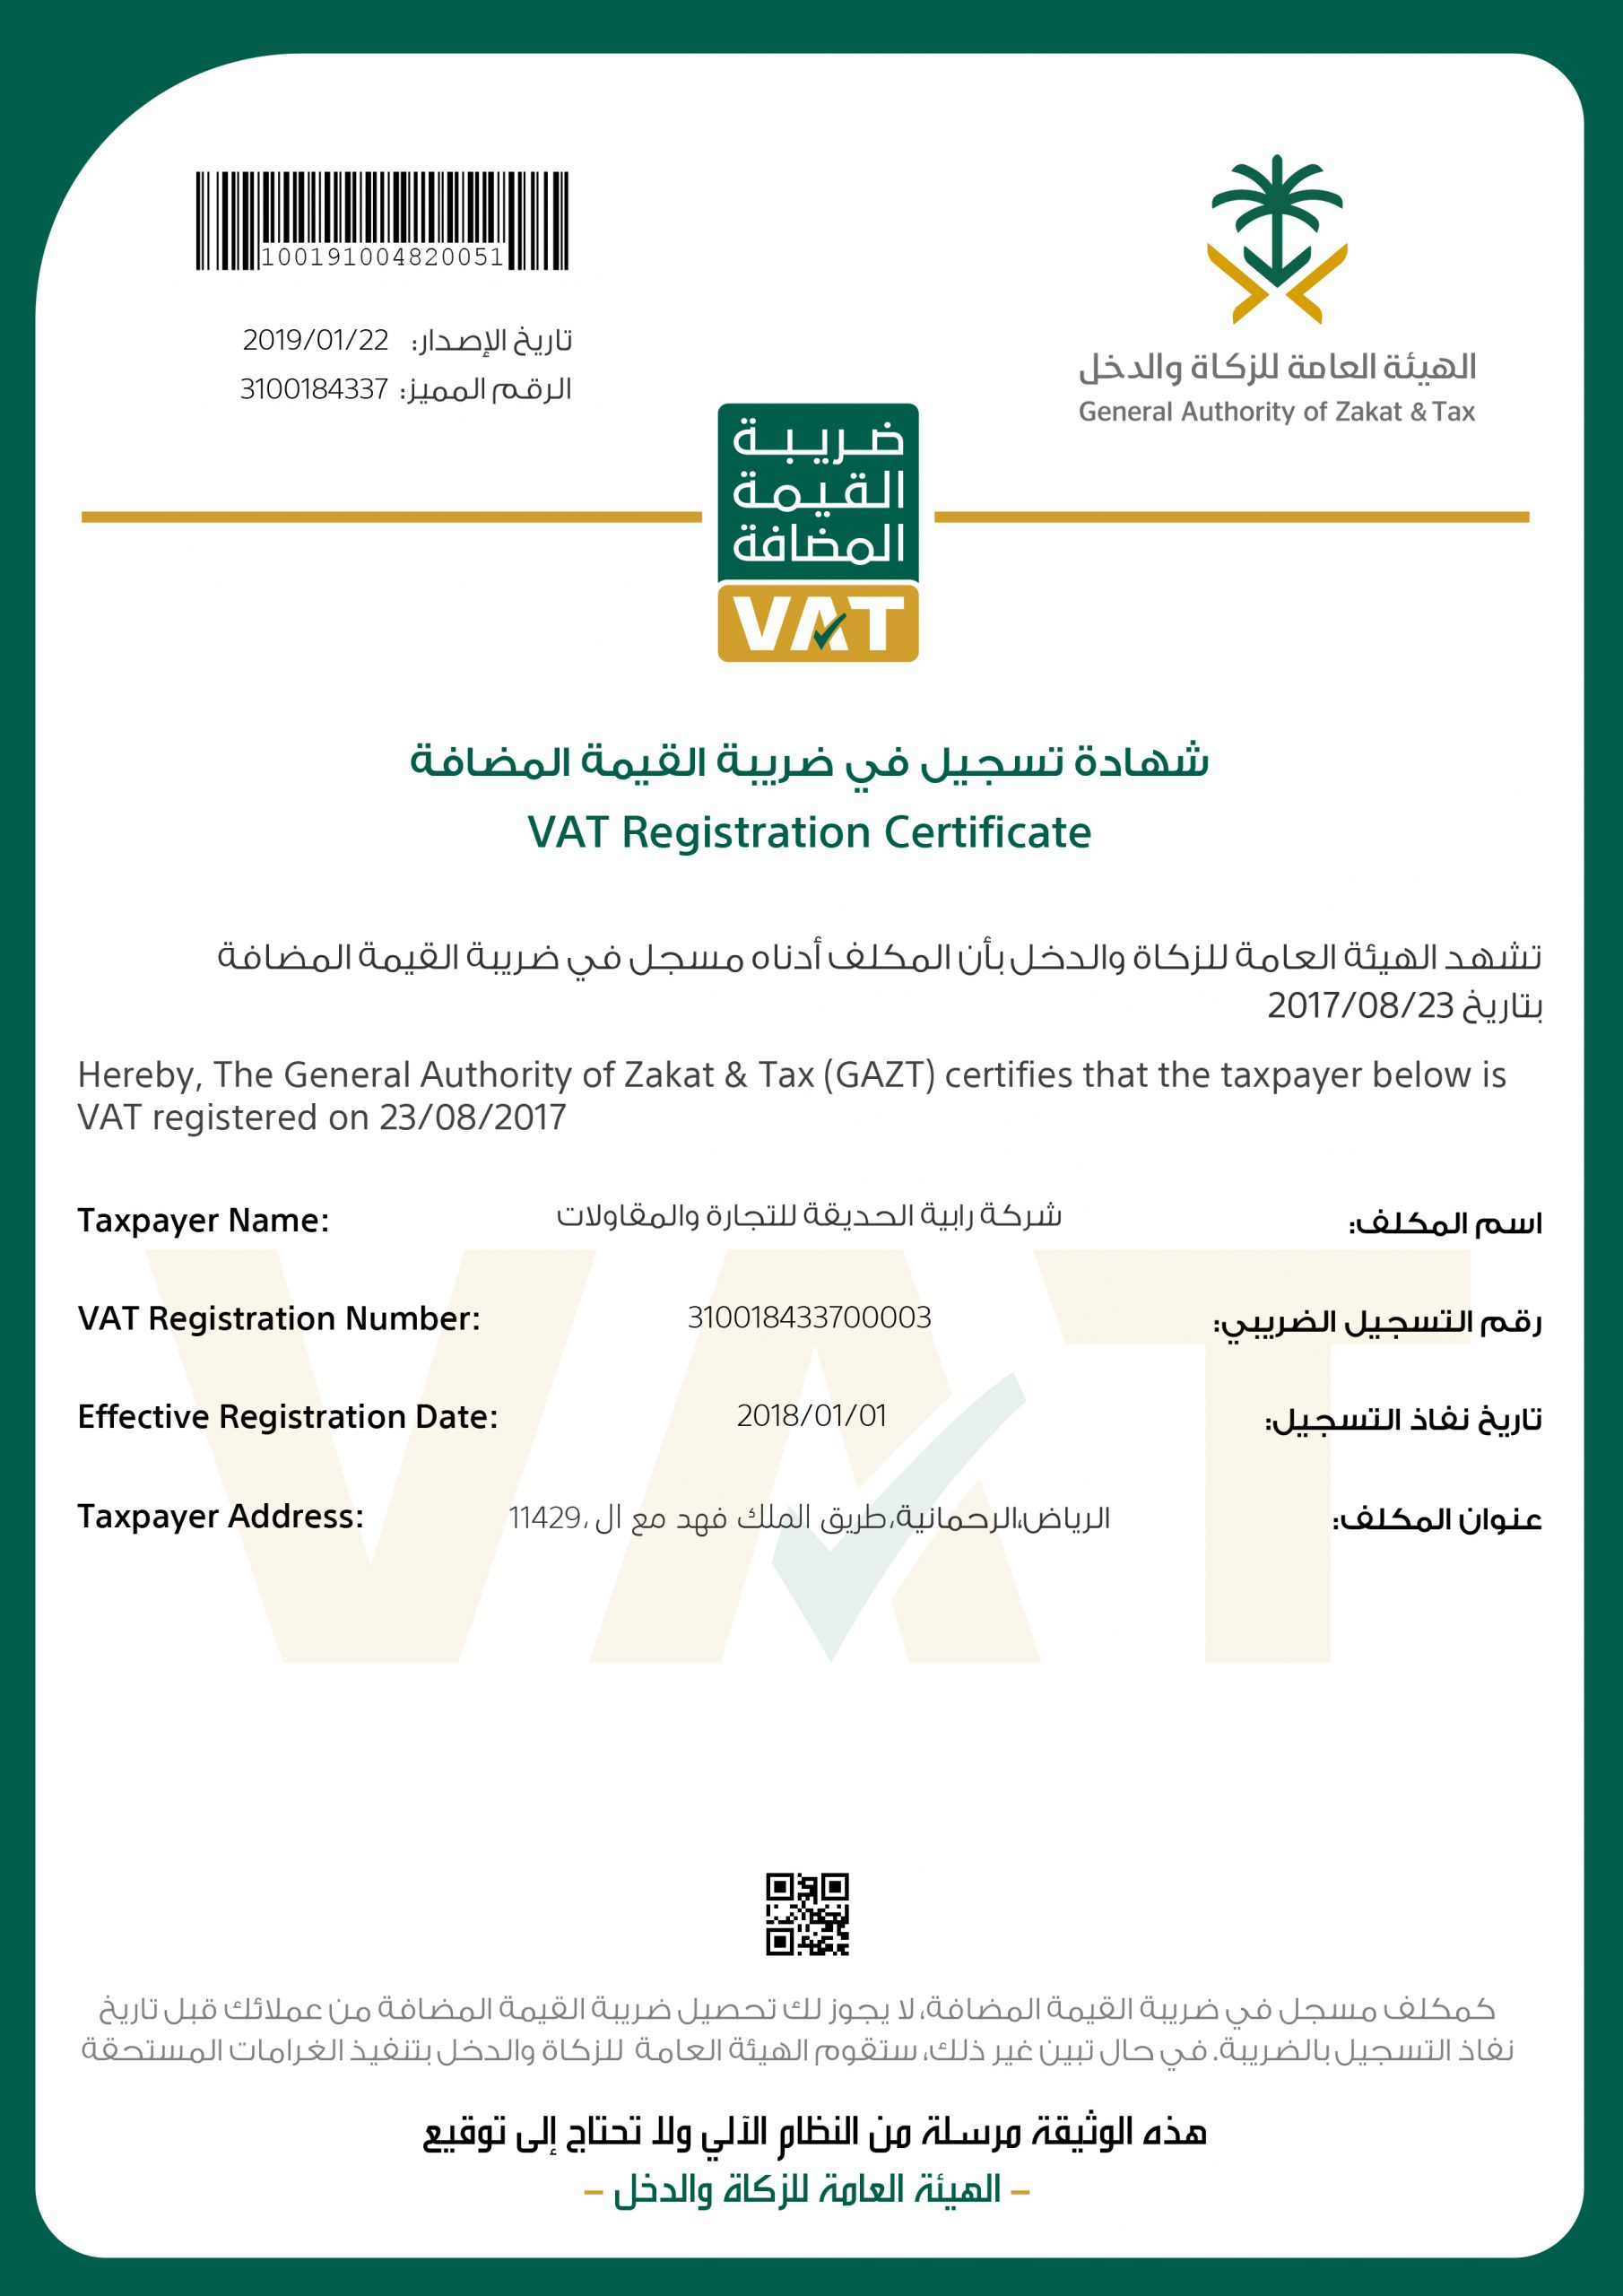 شهادة تسجيل في ضريبة القيمة المضافة